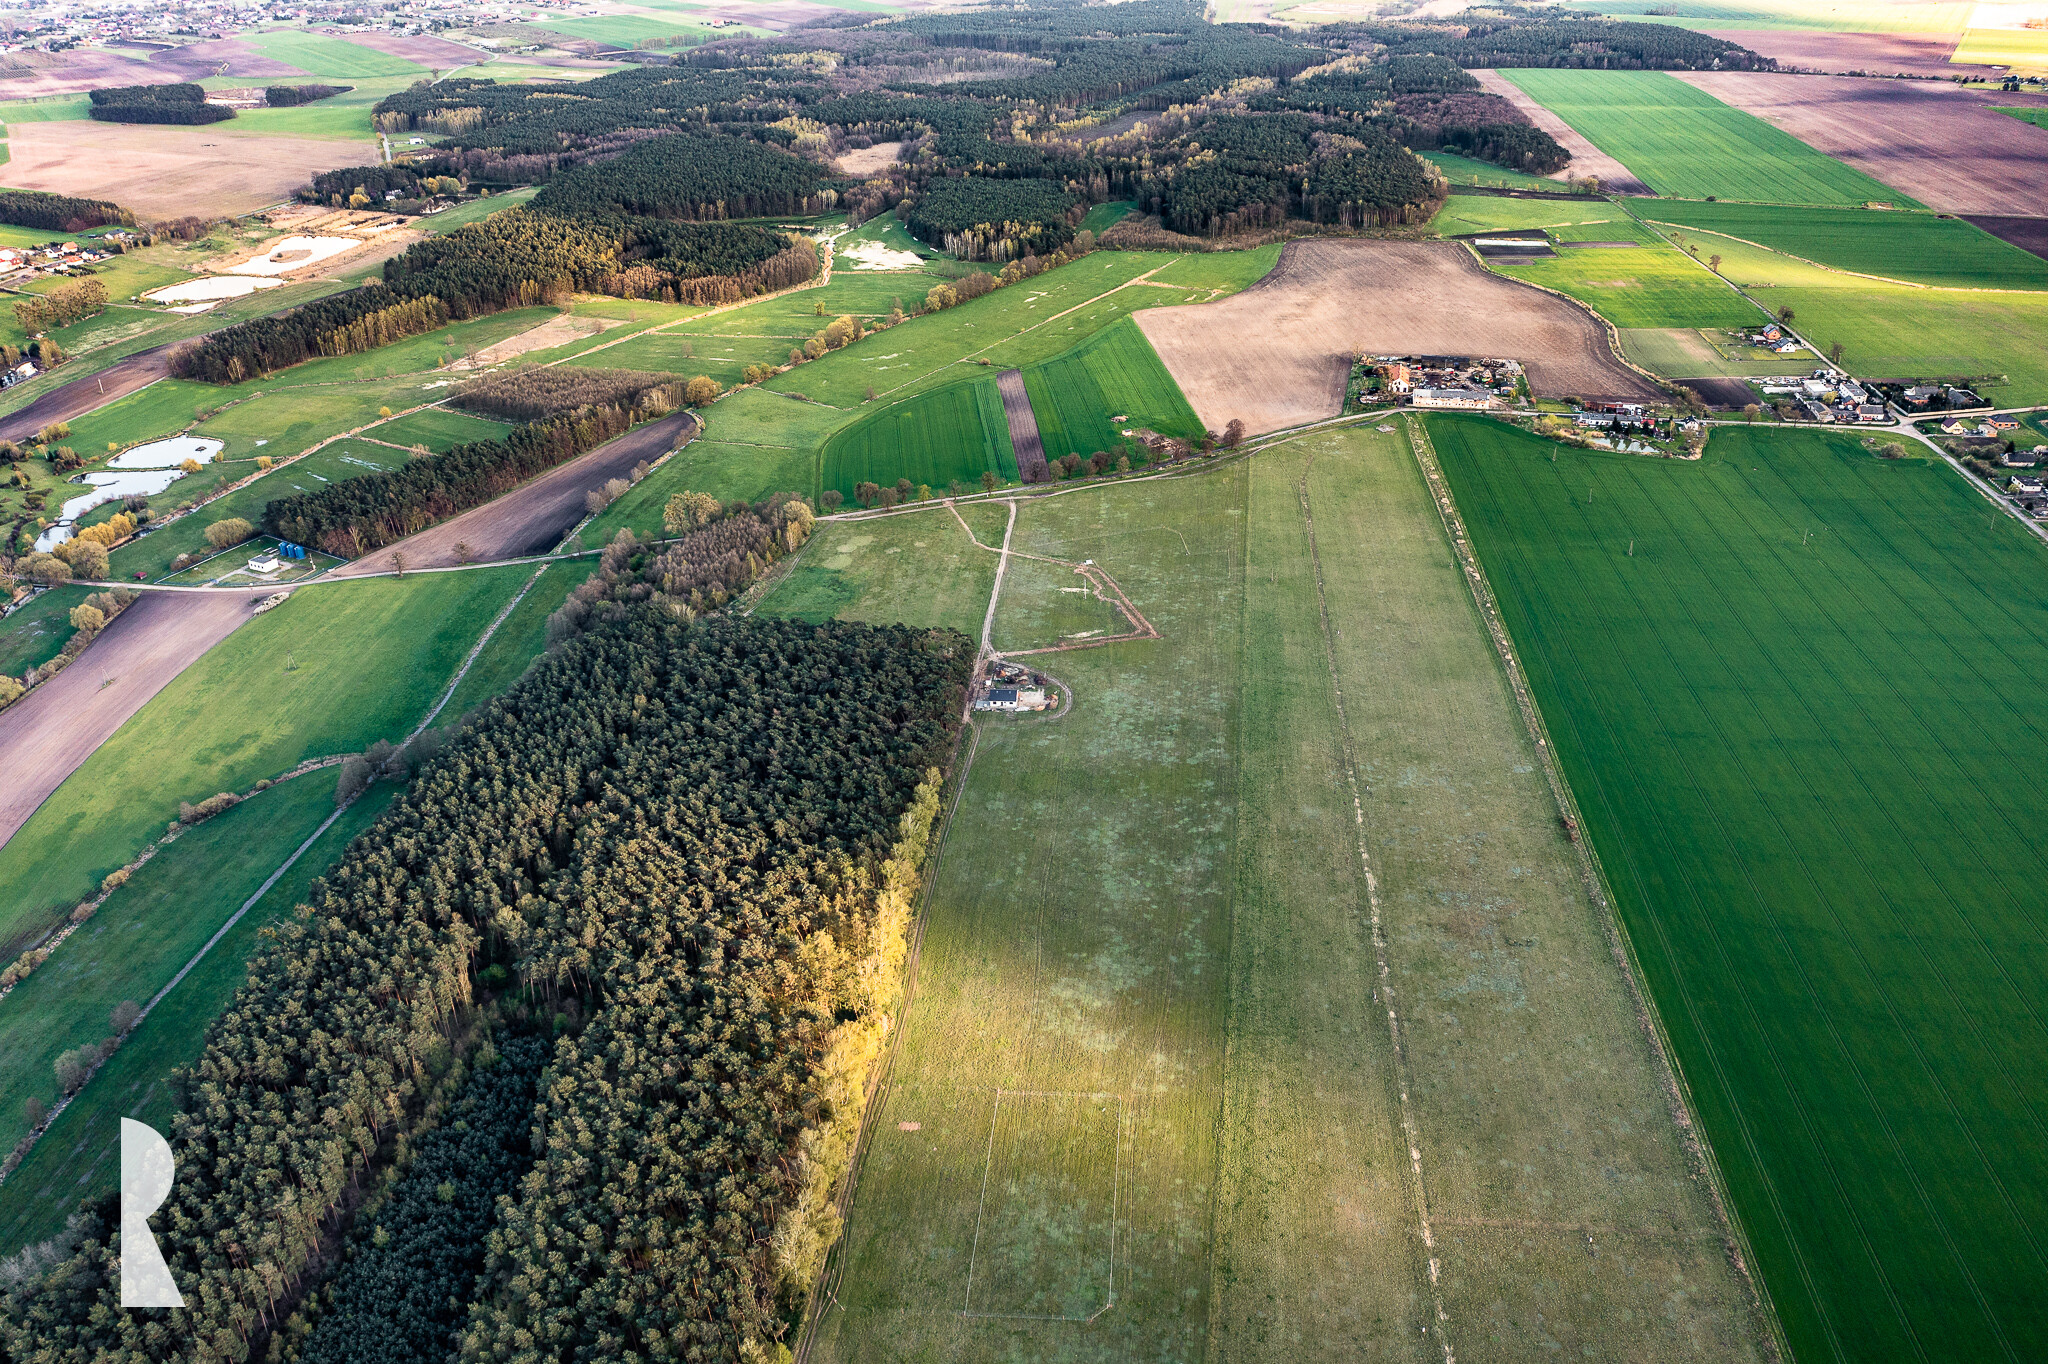 Malownicza działka przy lesie – Speno k. Zielątkowa